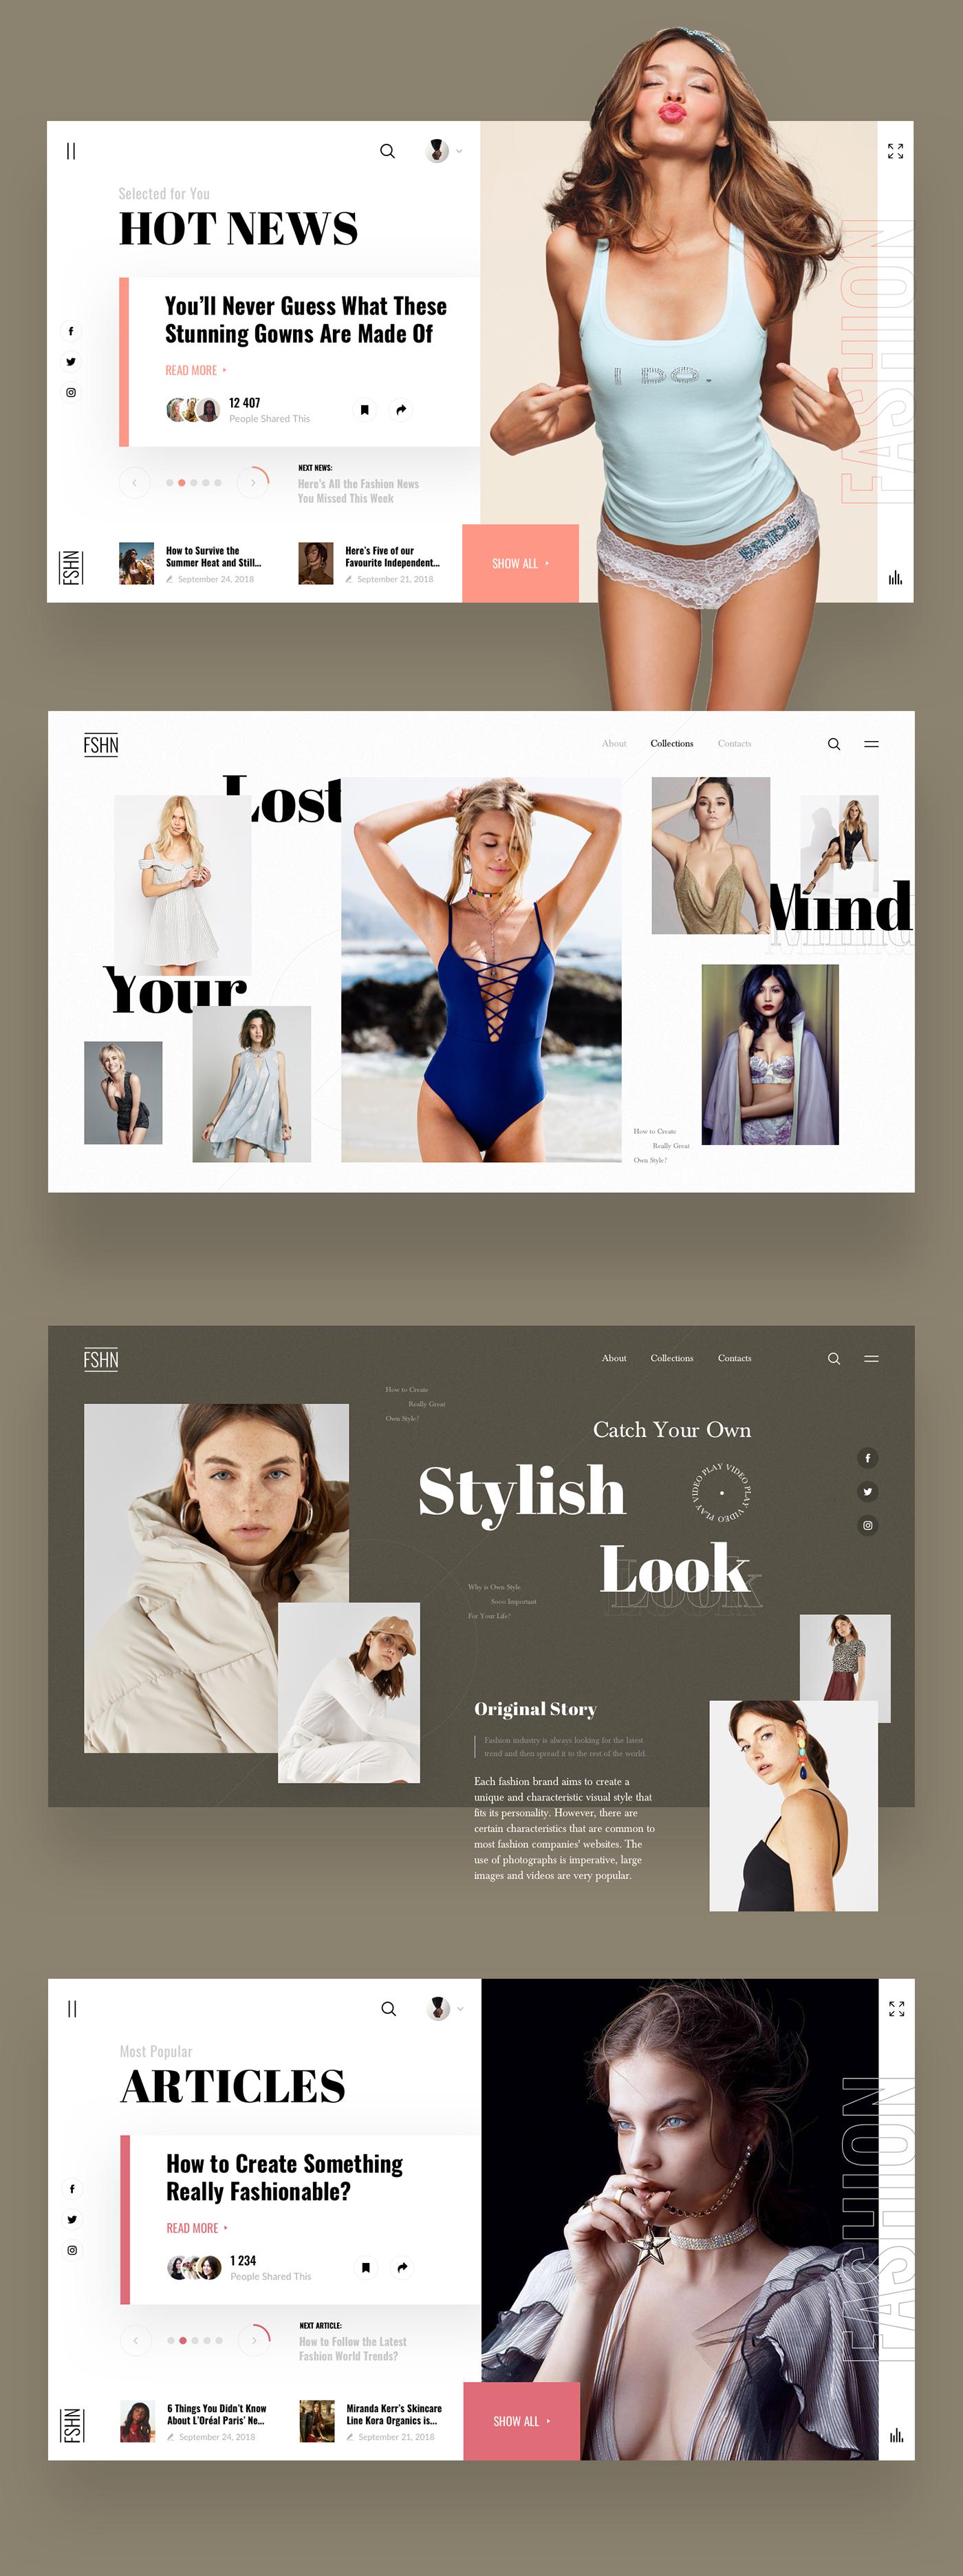 news Fashion  design UI ux